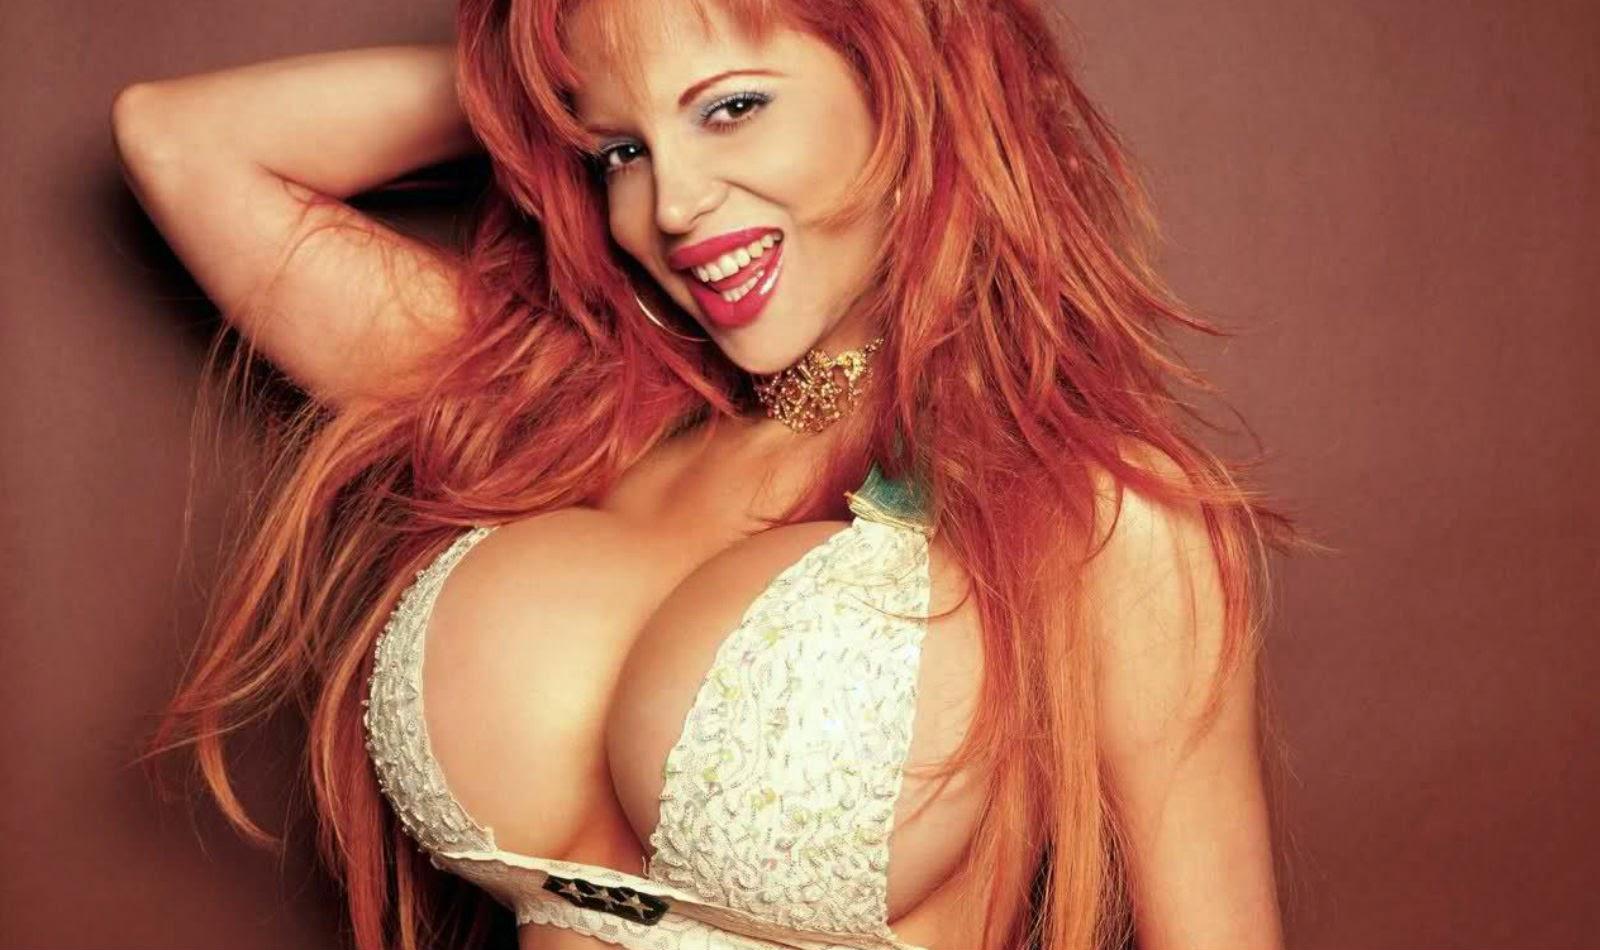 Самые большие сиськи мира секс, Большие сиськи красивых дамочек - Порно Большие 3 фотография